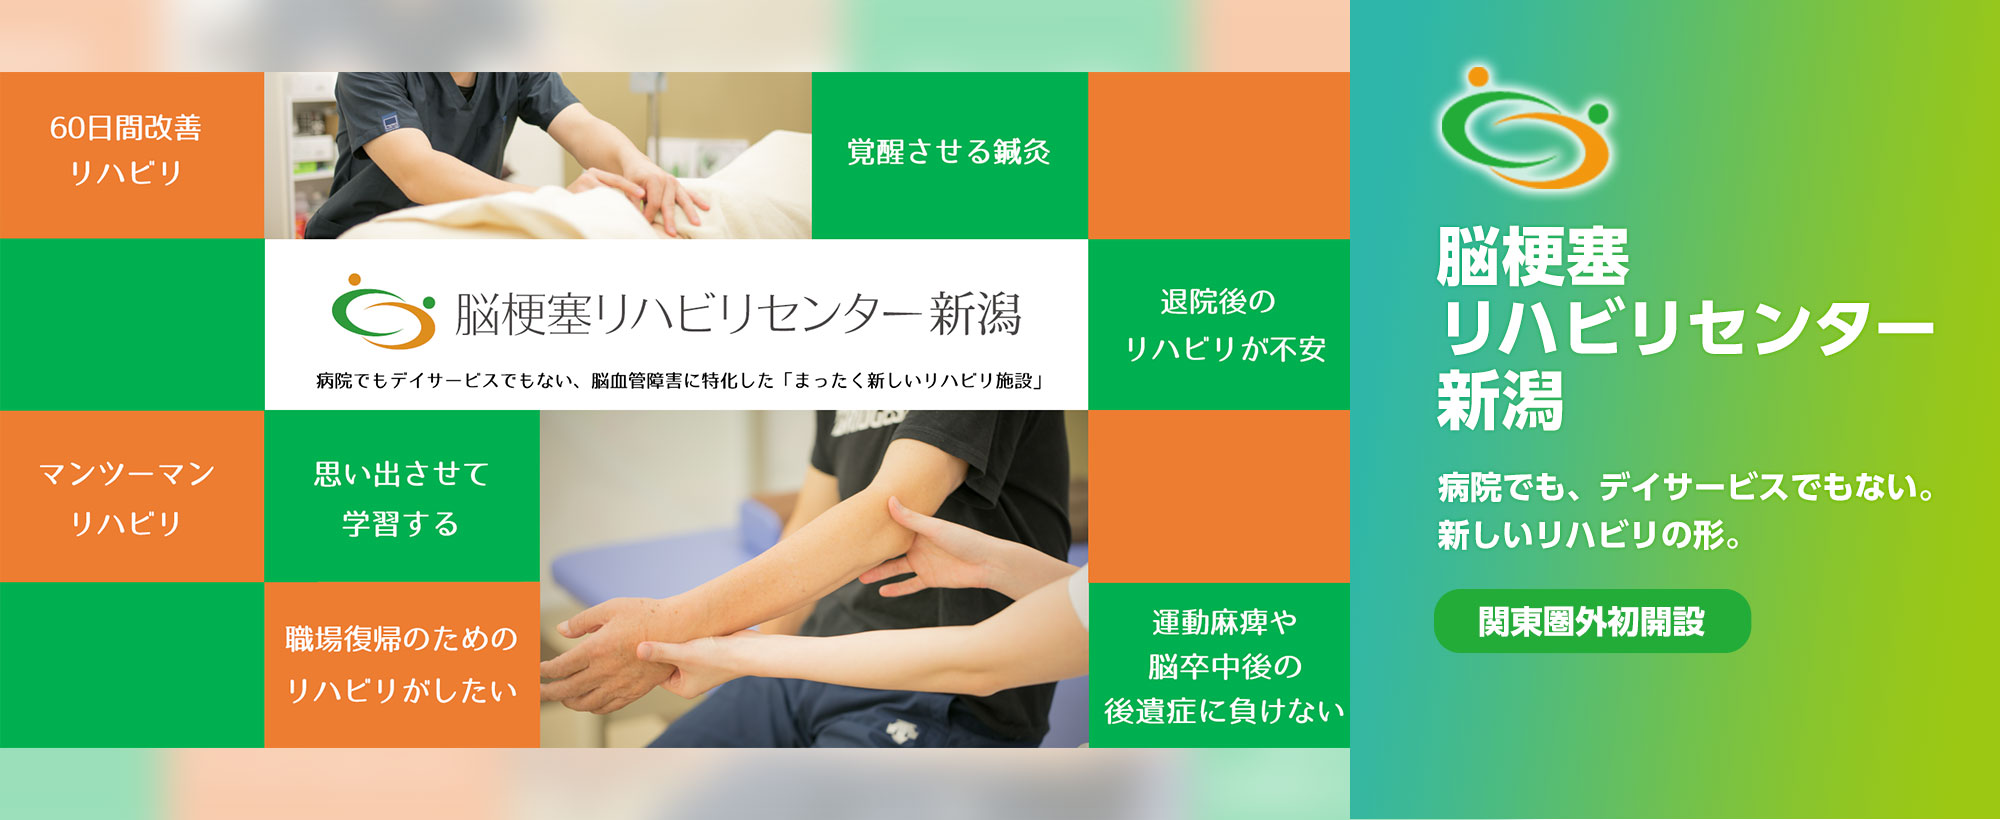 脳梗塞リハビリセンター新潟